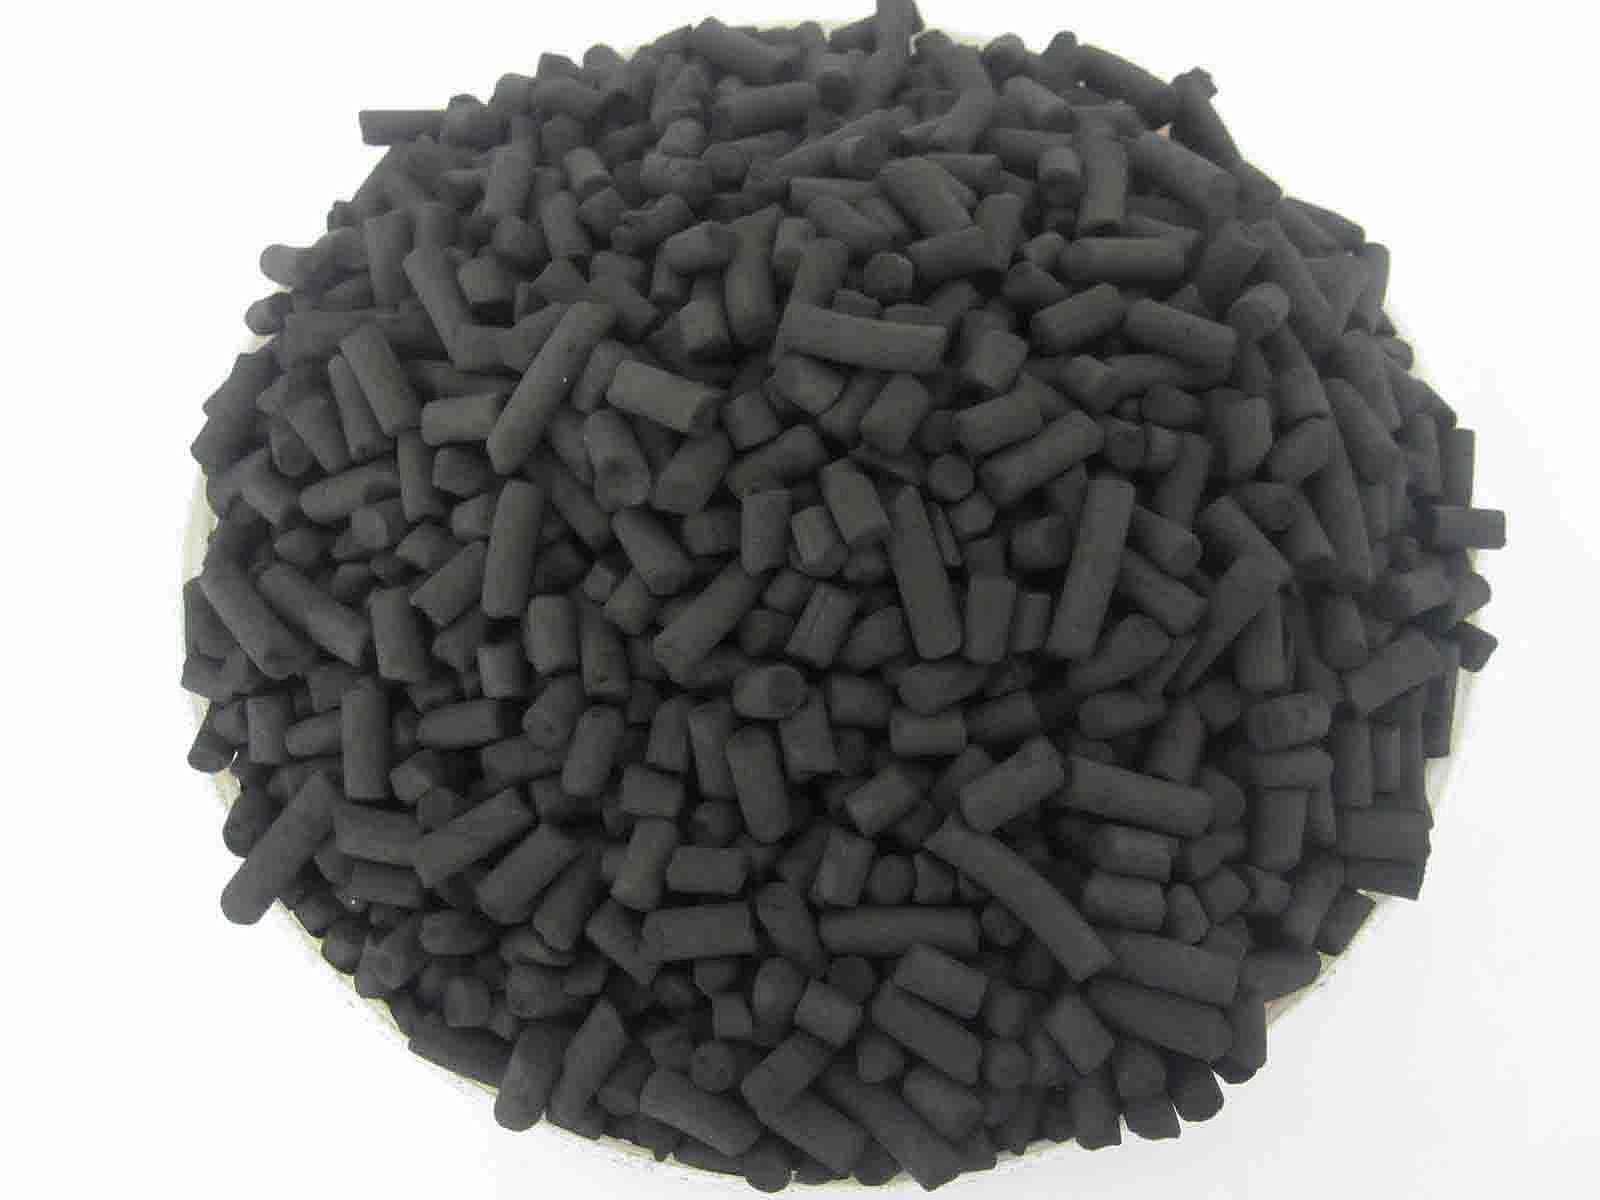 生活小常识:空气净化炭有用吗 空气净化炭原理